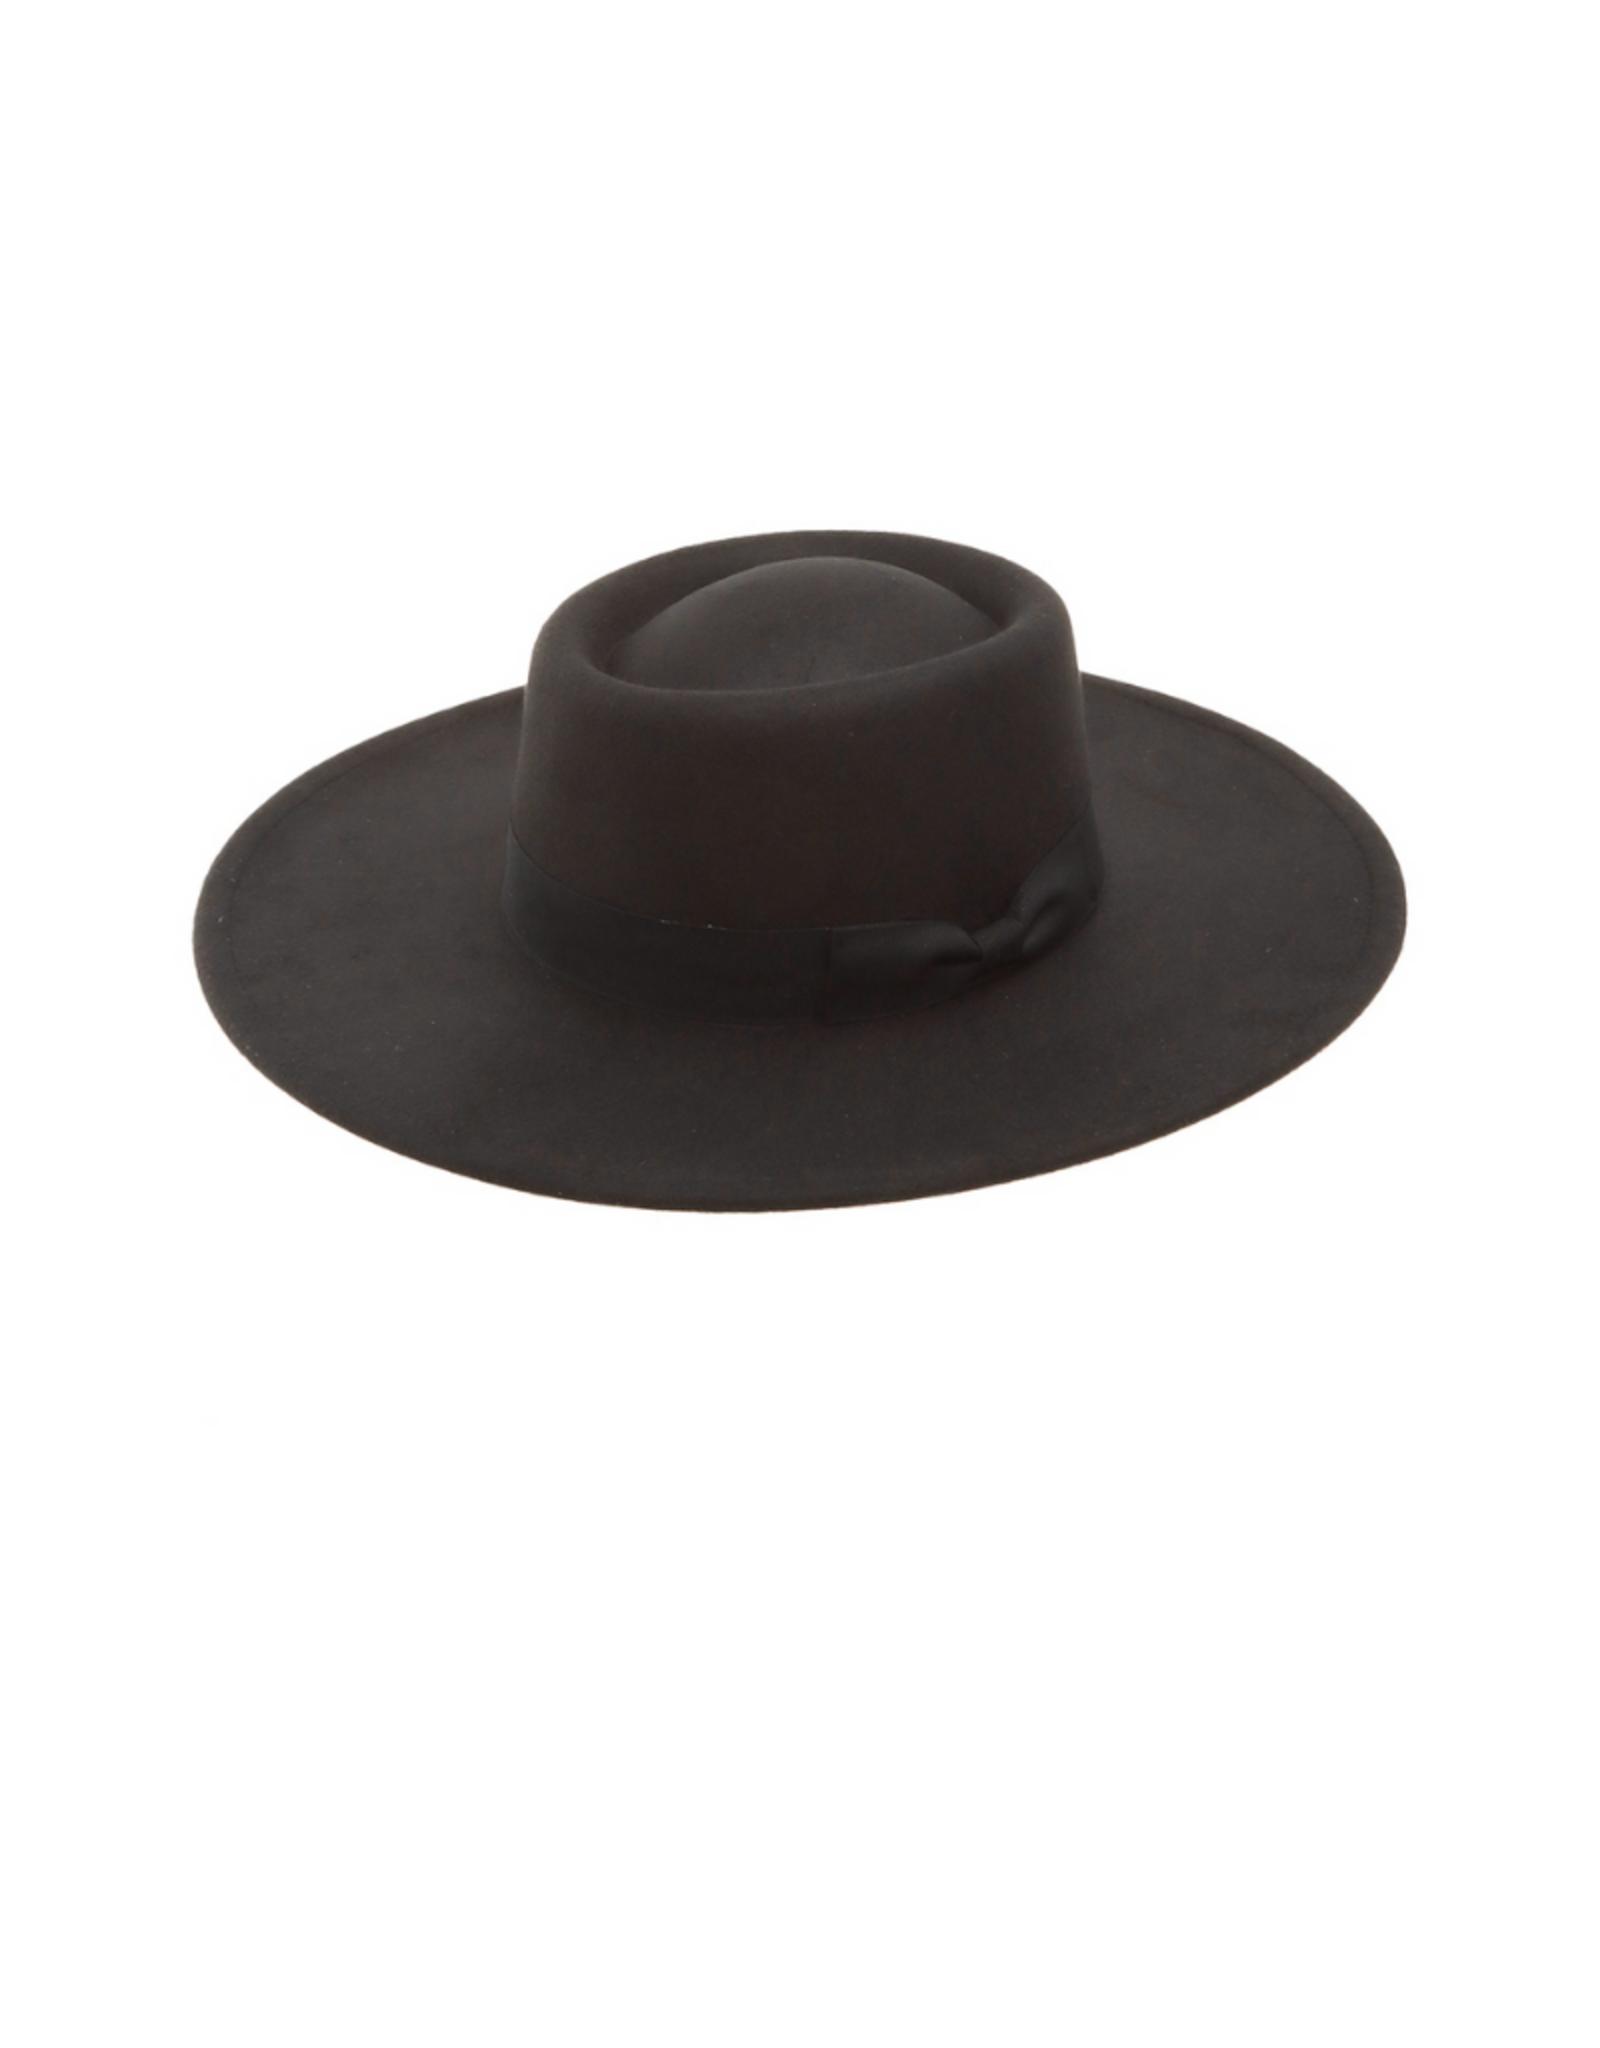 HAT-WIDE BRIM PORKPIE